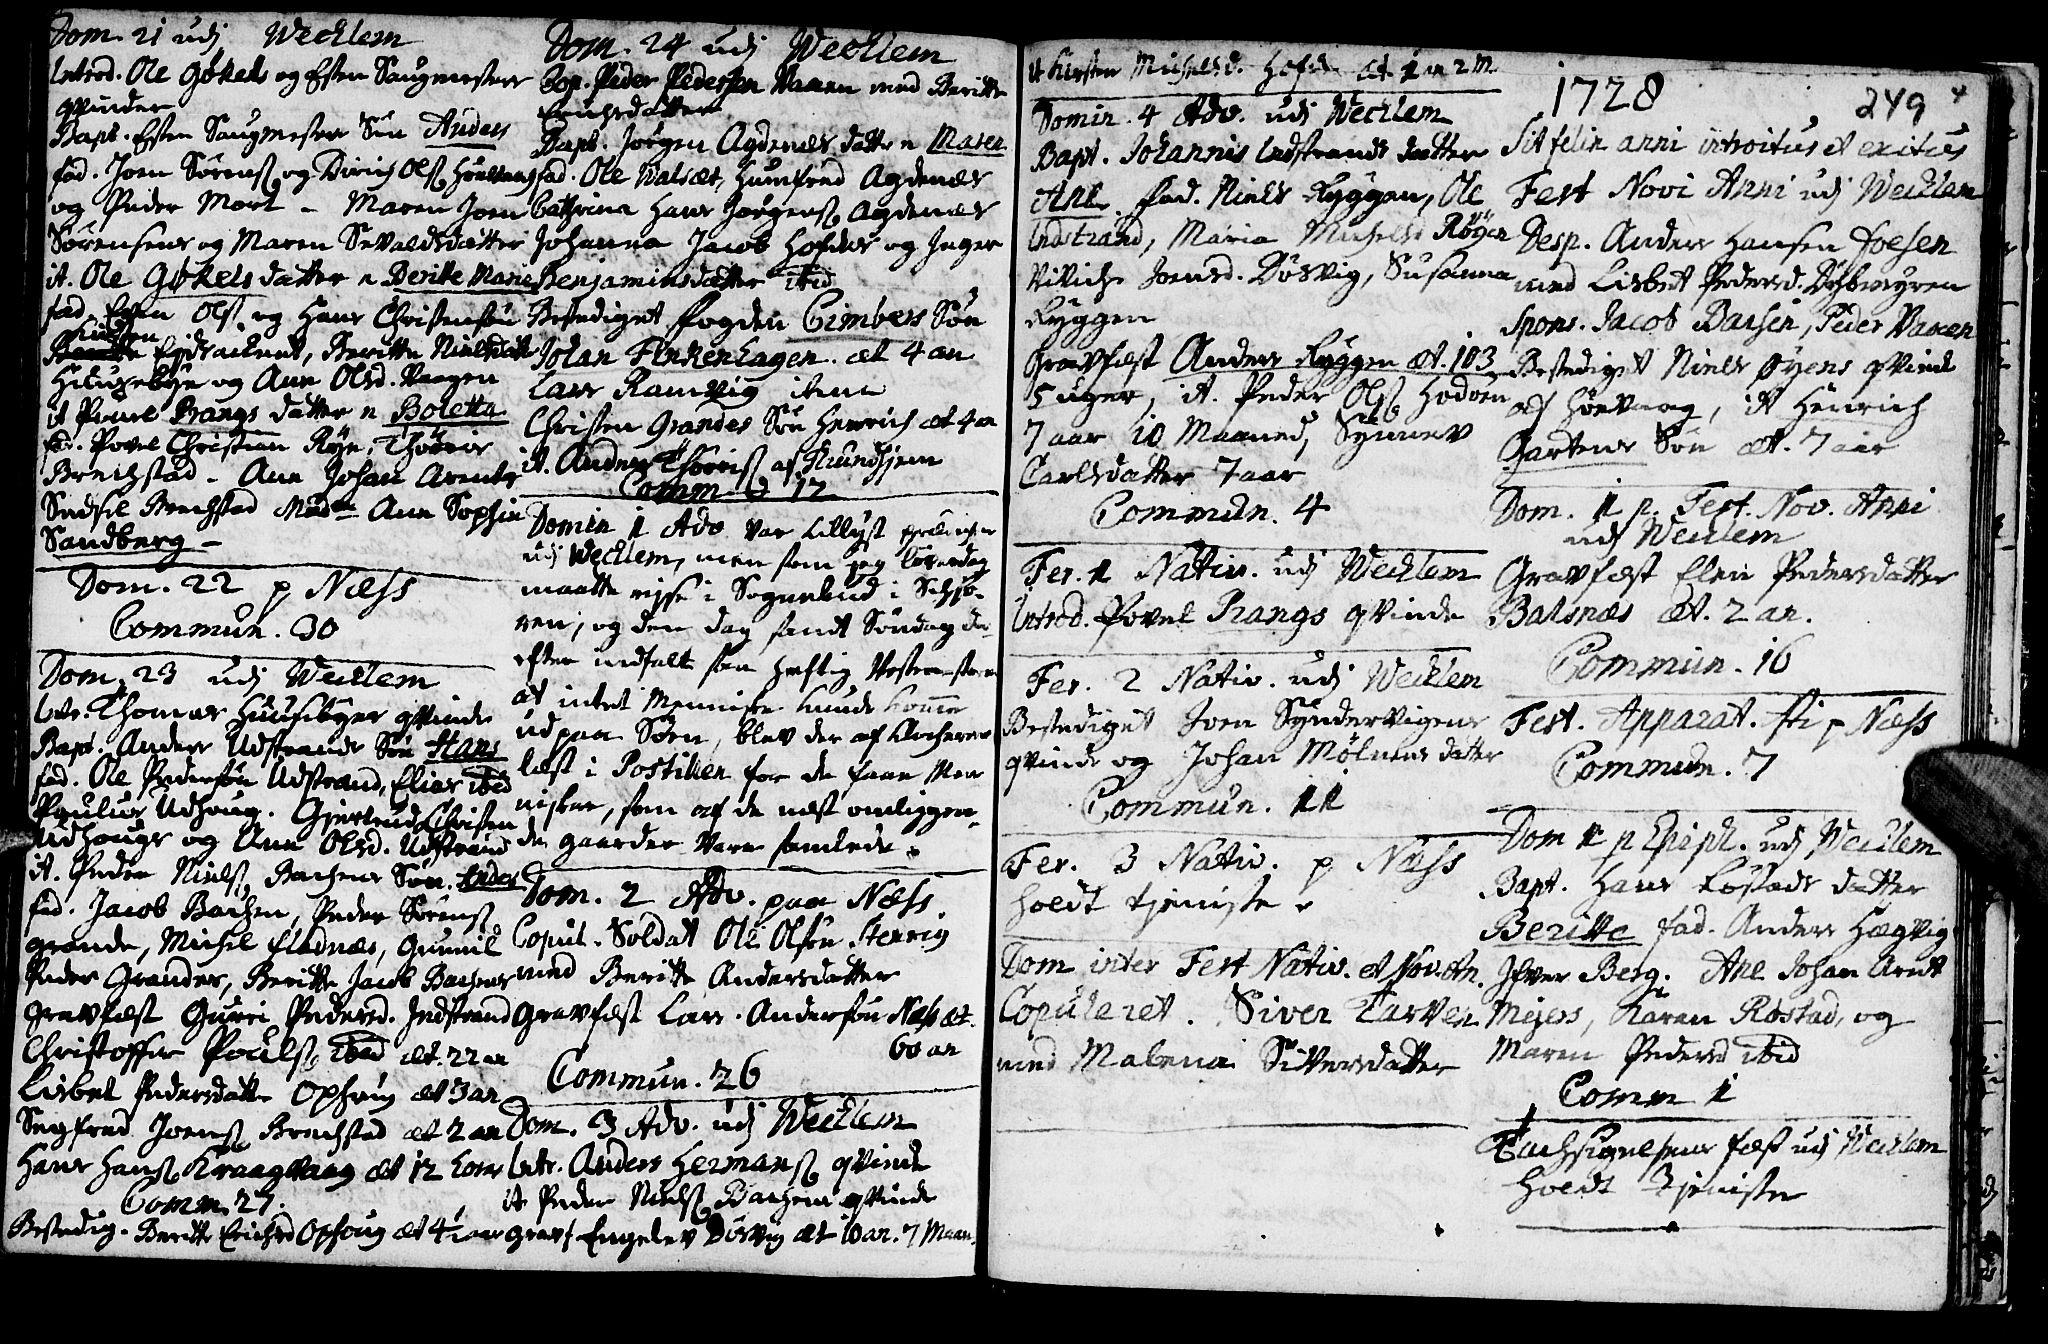 SAT, Ministerialprotokoller, klokkerbøker og fødselsregistre - Sør-Trøndelag, 659/L0731: Ministerialbok nr. 659A01, 1709-1731, s. 248-249